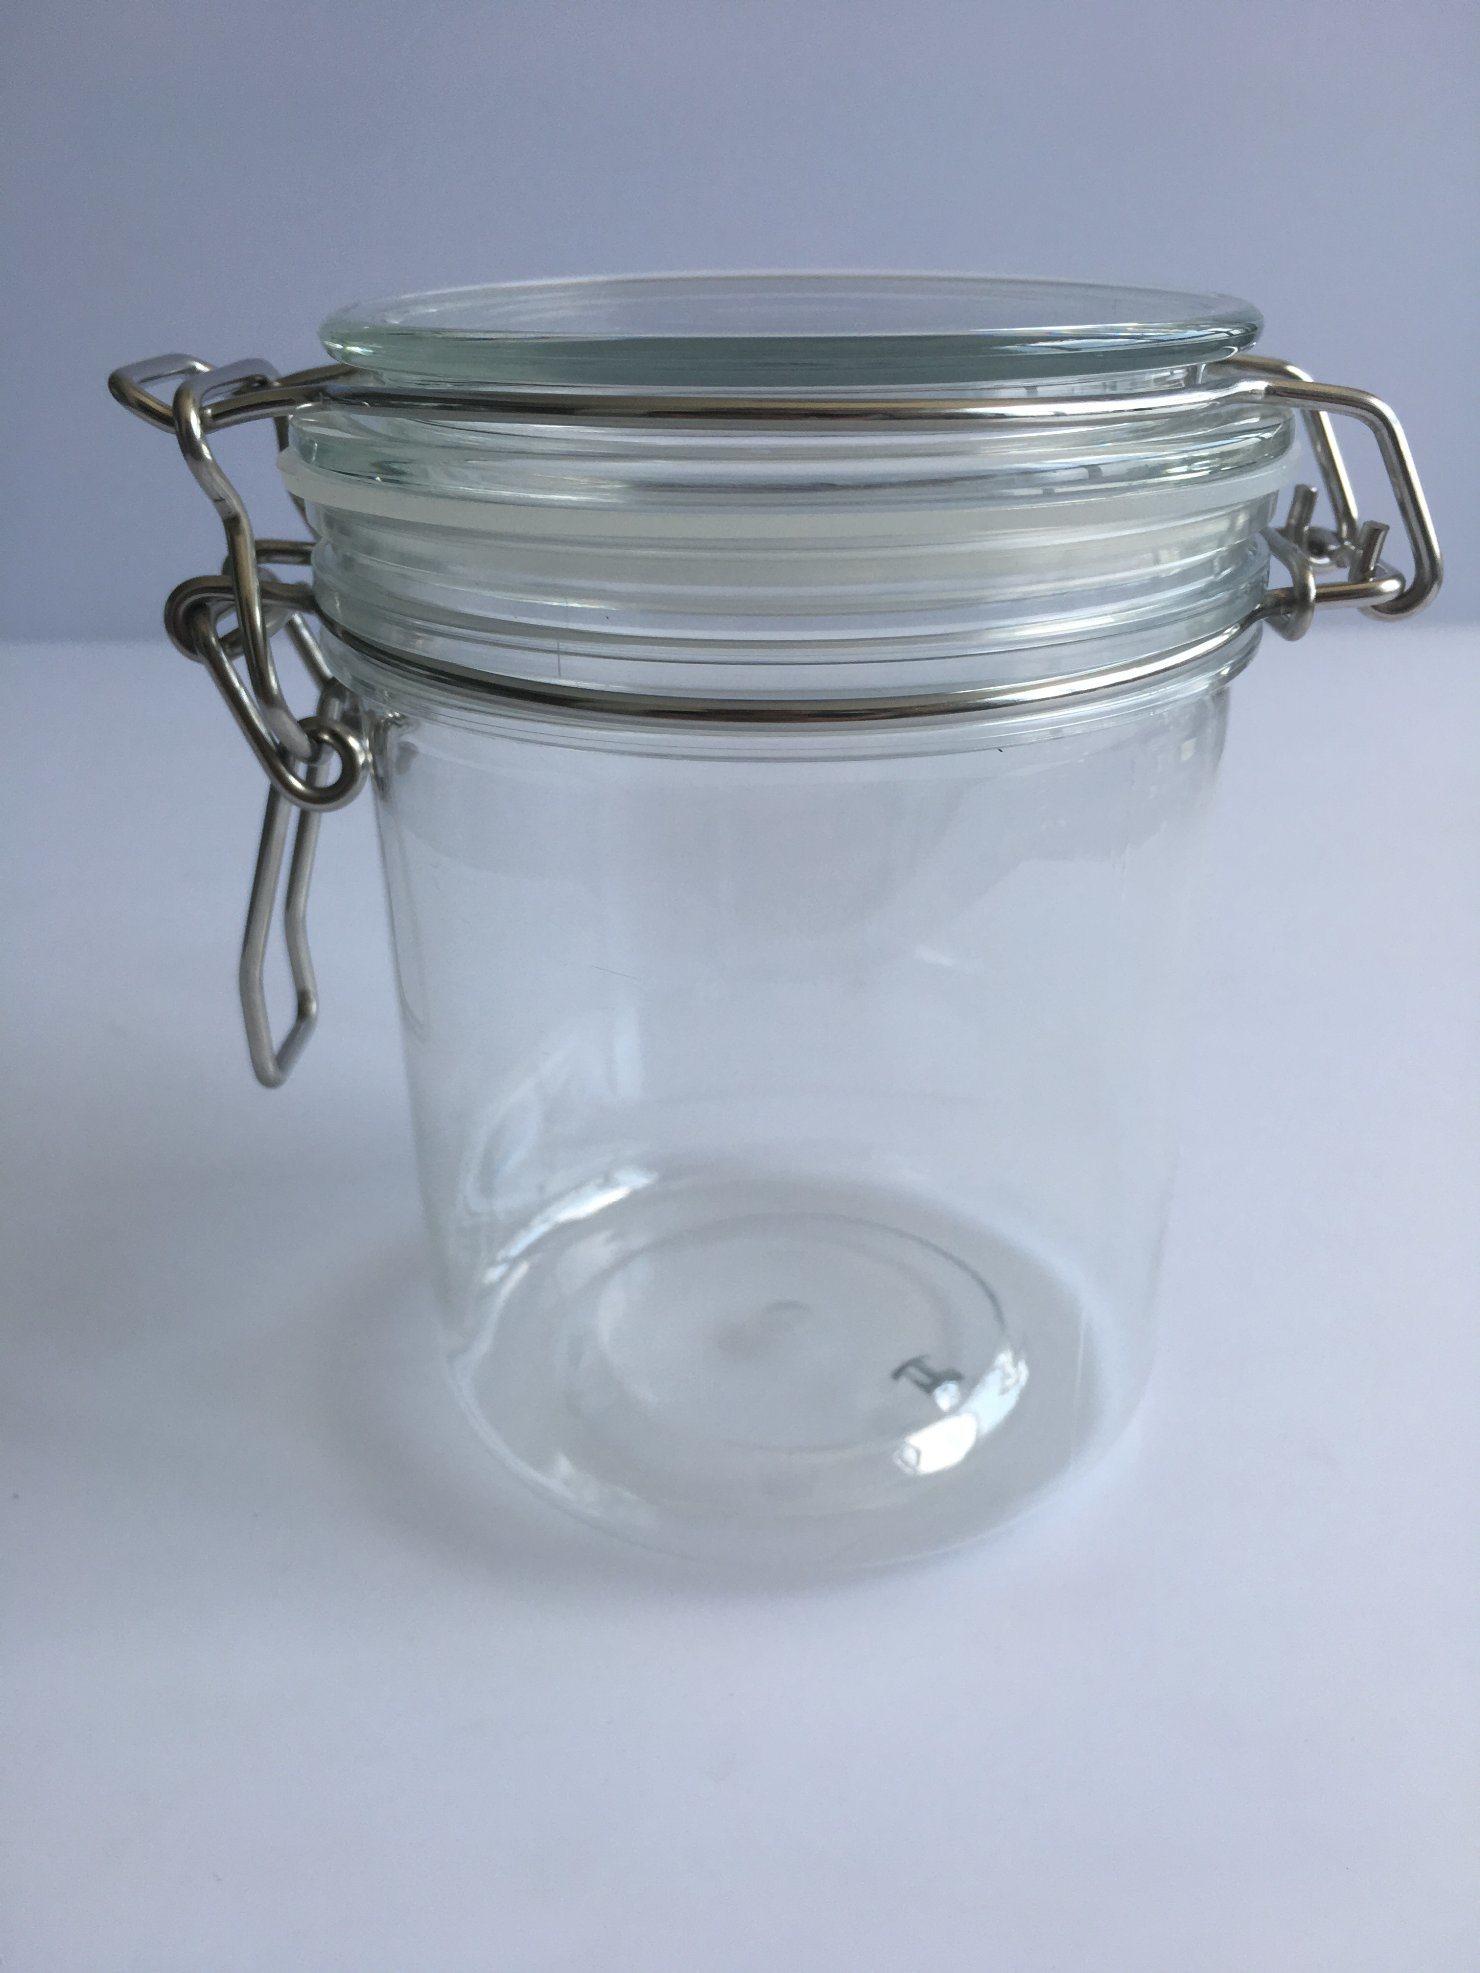 550mlクリップ上のプラスチック円形の瓶